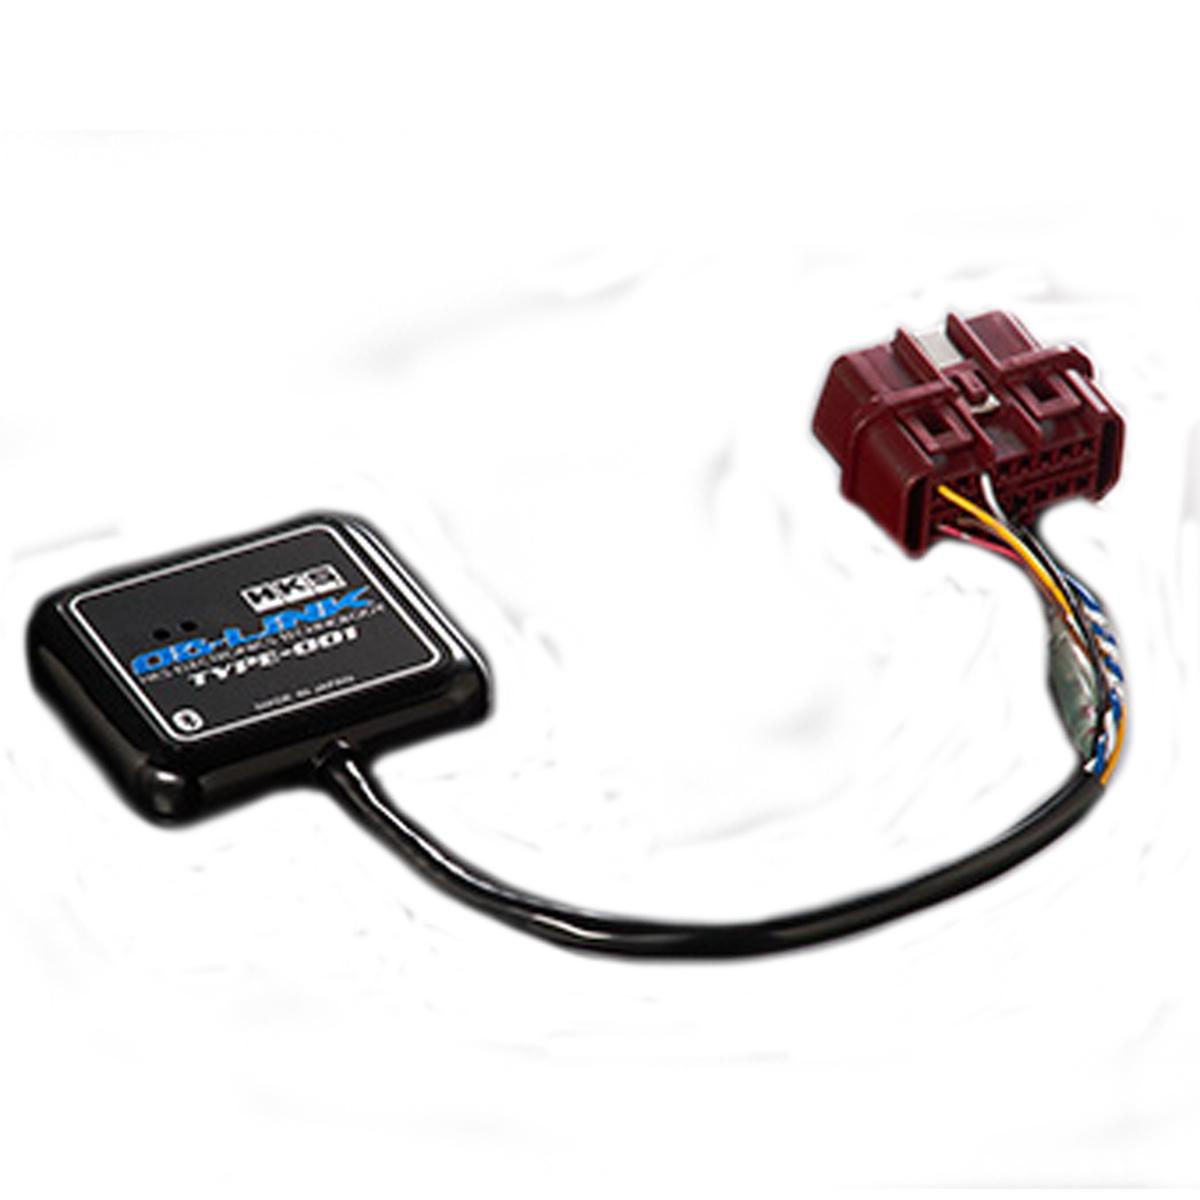 スクラム モニター OBリンク タイプ 001 DG34V HKS 44009-AK002 エレクトリニクス 個人宅発送追金有